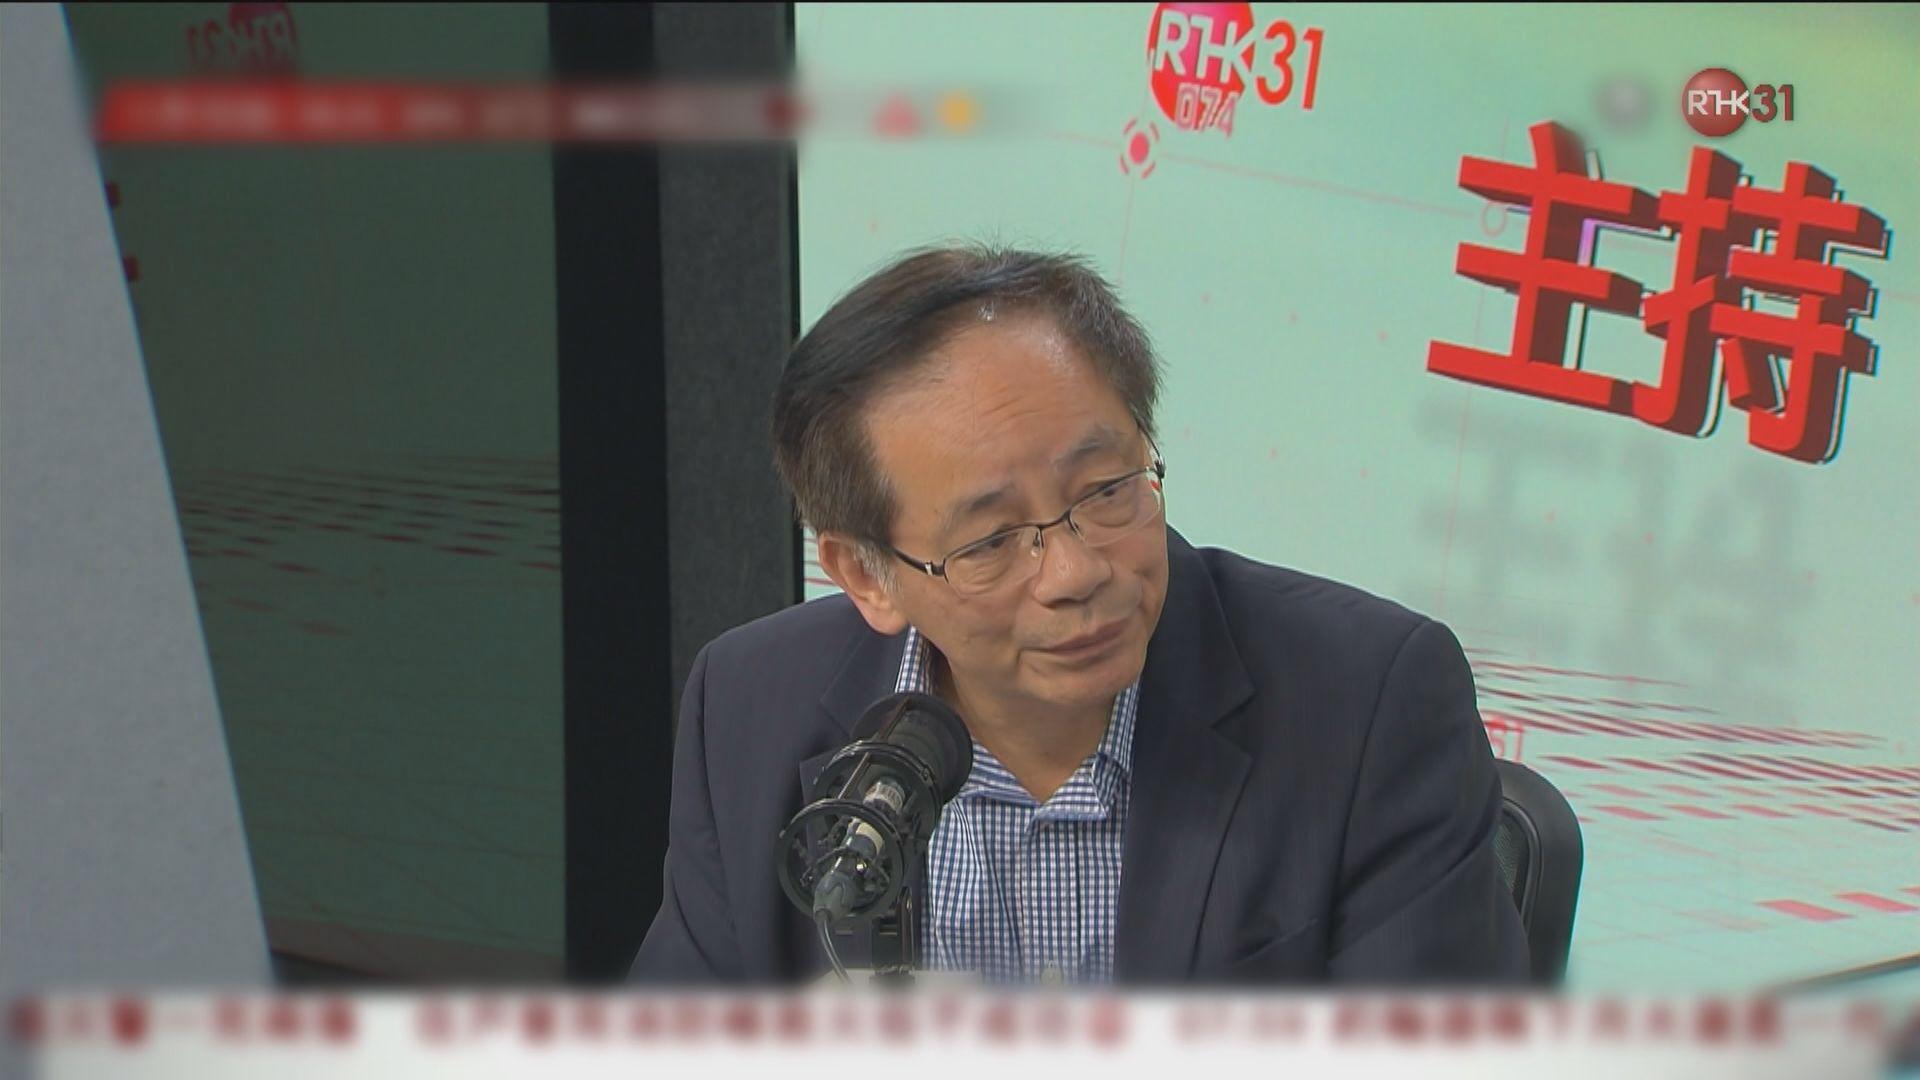 葉國謙:投票前一周衝突持續應考慮押後區選